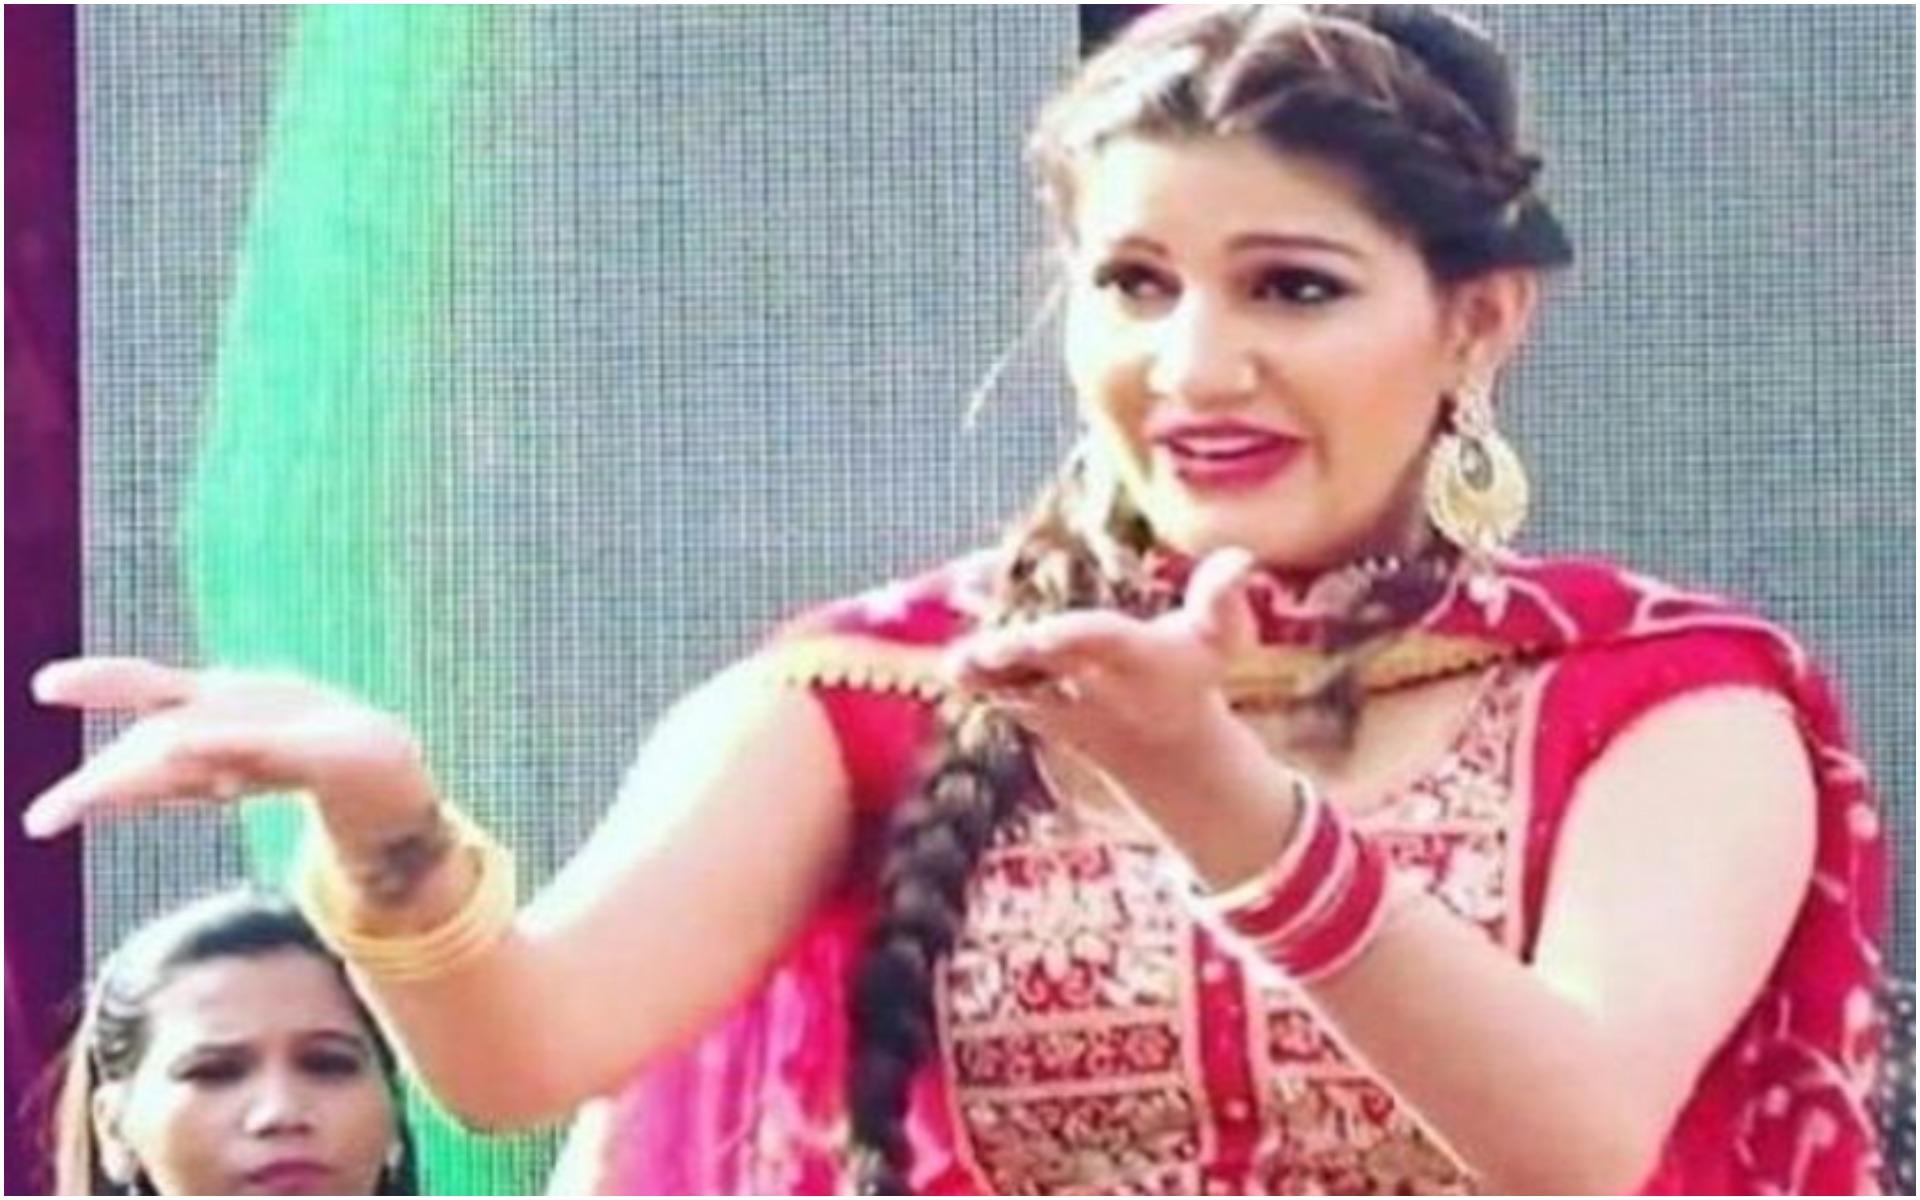 Sapna Choudhary Dance: हरियाणवी डांसर सपना चौधरी ने 'राइफल' गाने पर मचाई धूम, देखें वीडियो